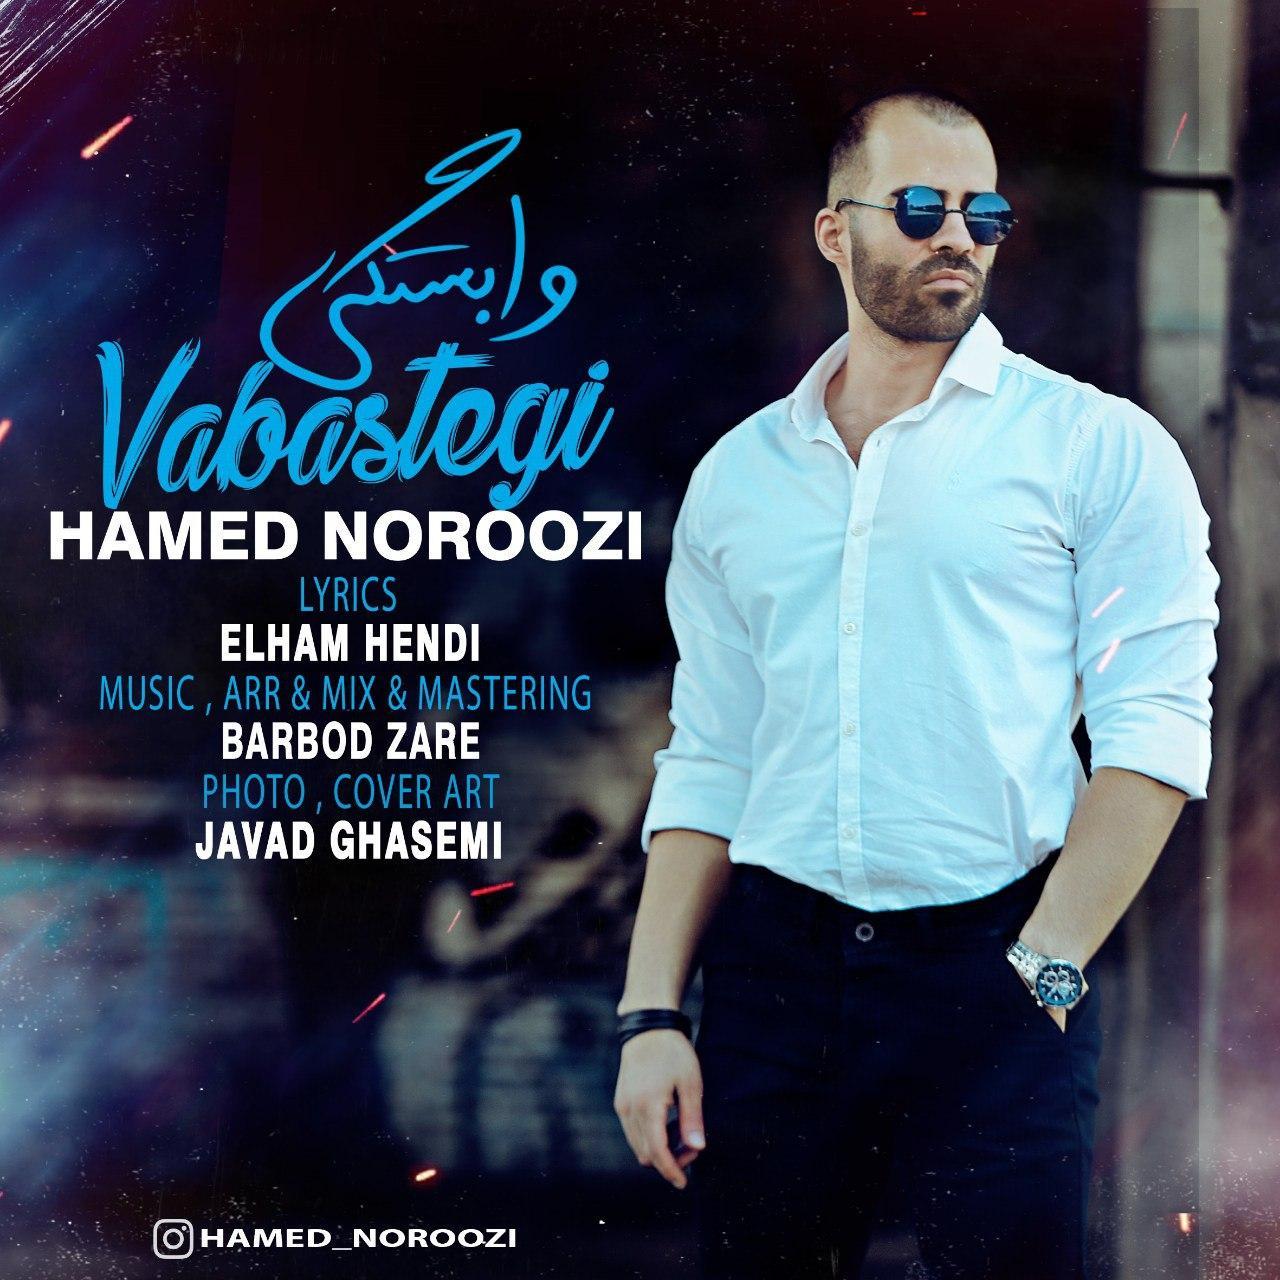 Hamed Noroozi – Vabastegi